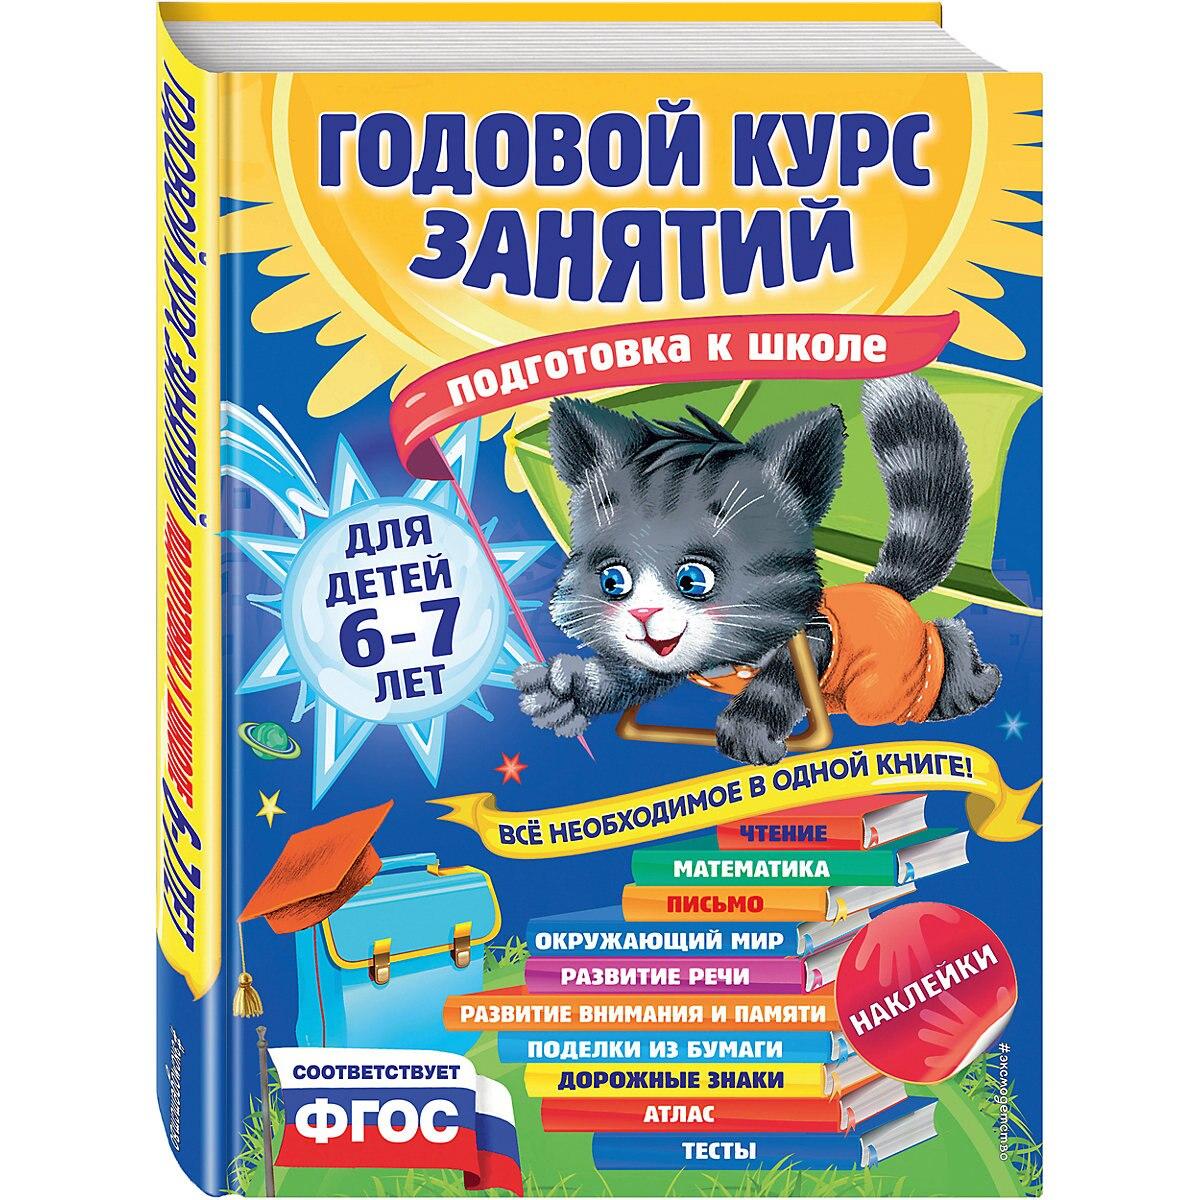 Libros EKSMO 4753533 niños educación encyclope alfabeto diccionario libro para bebé MTpromo